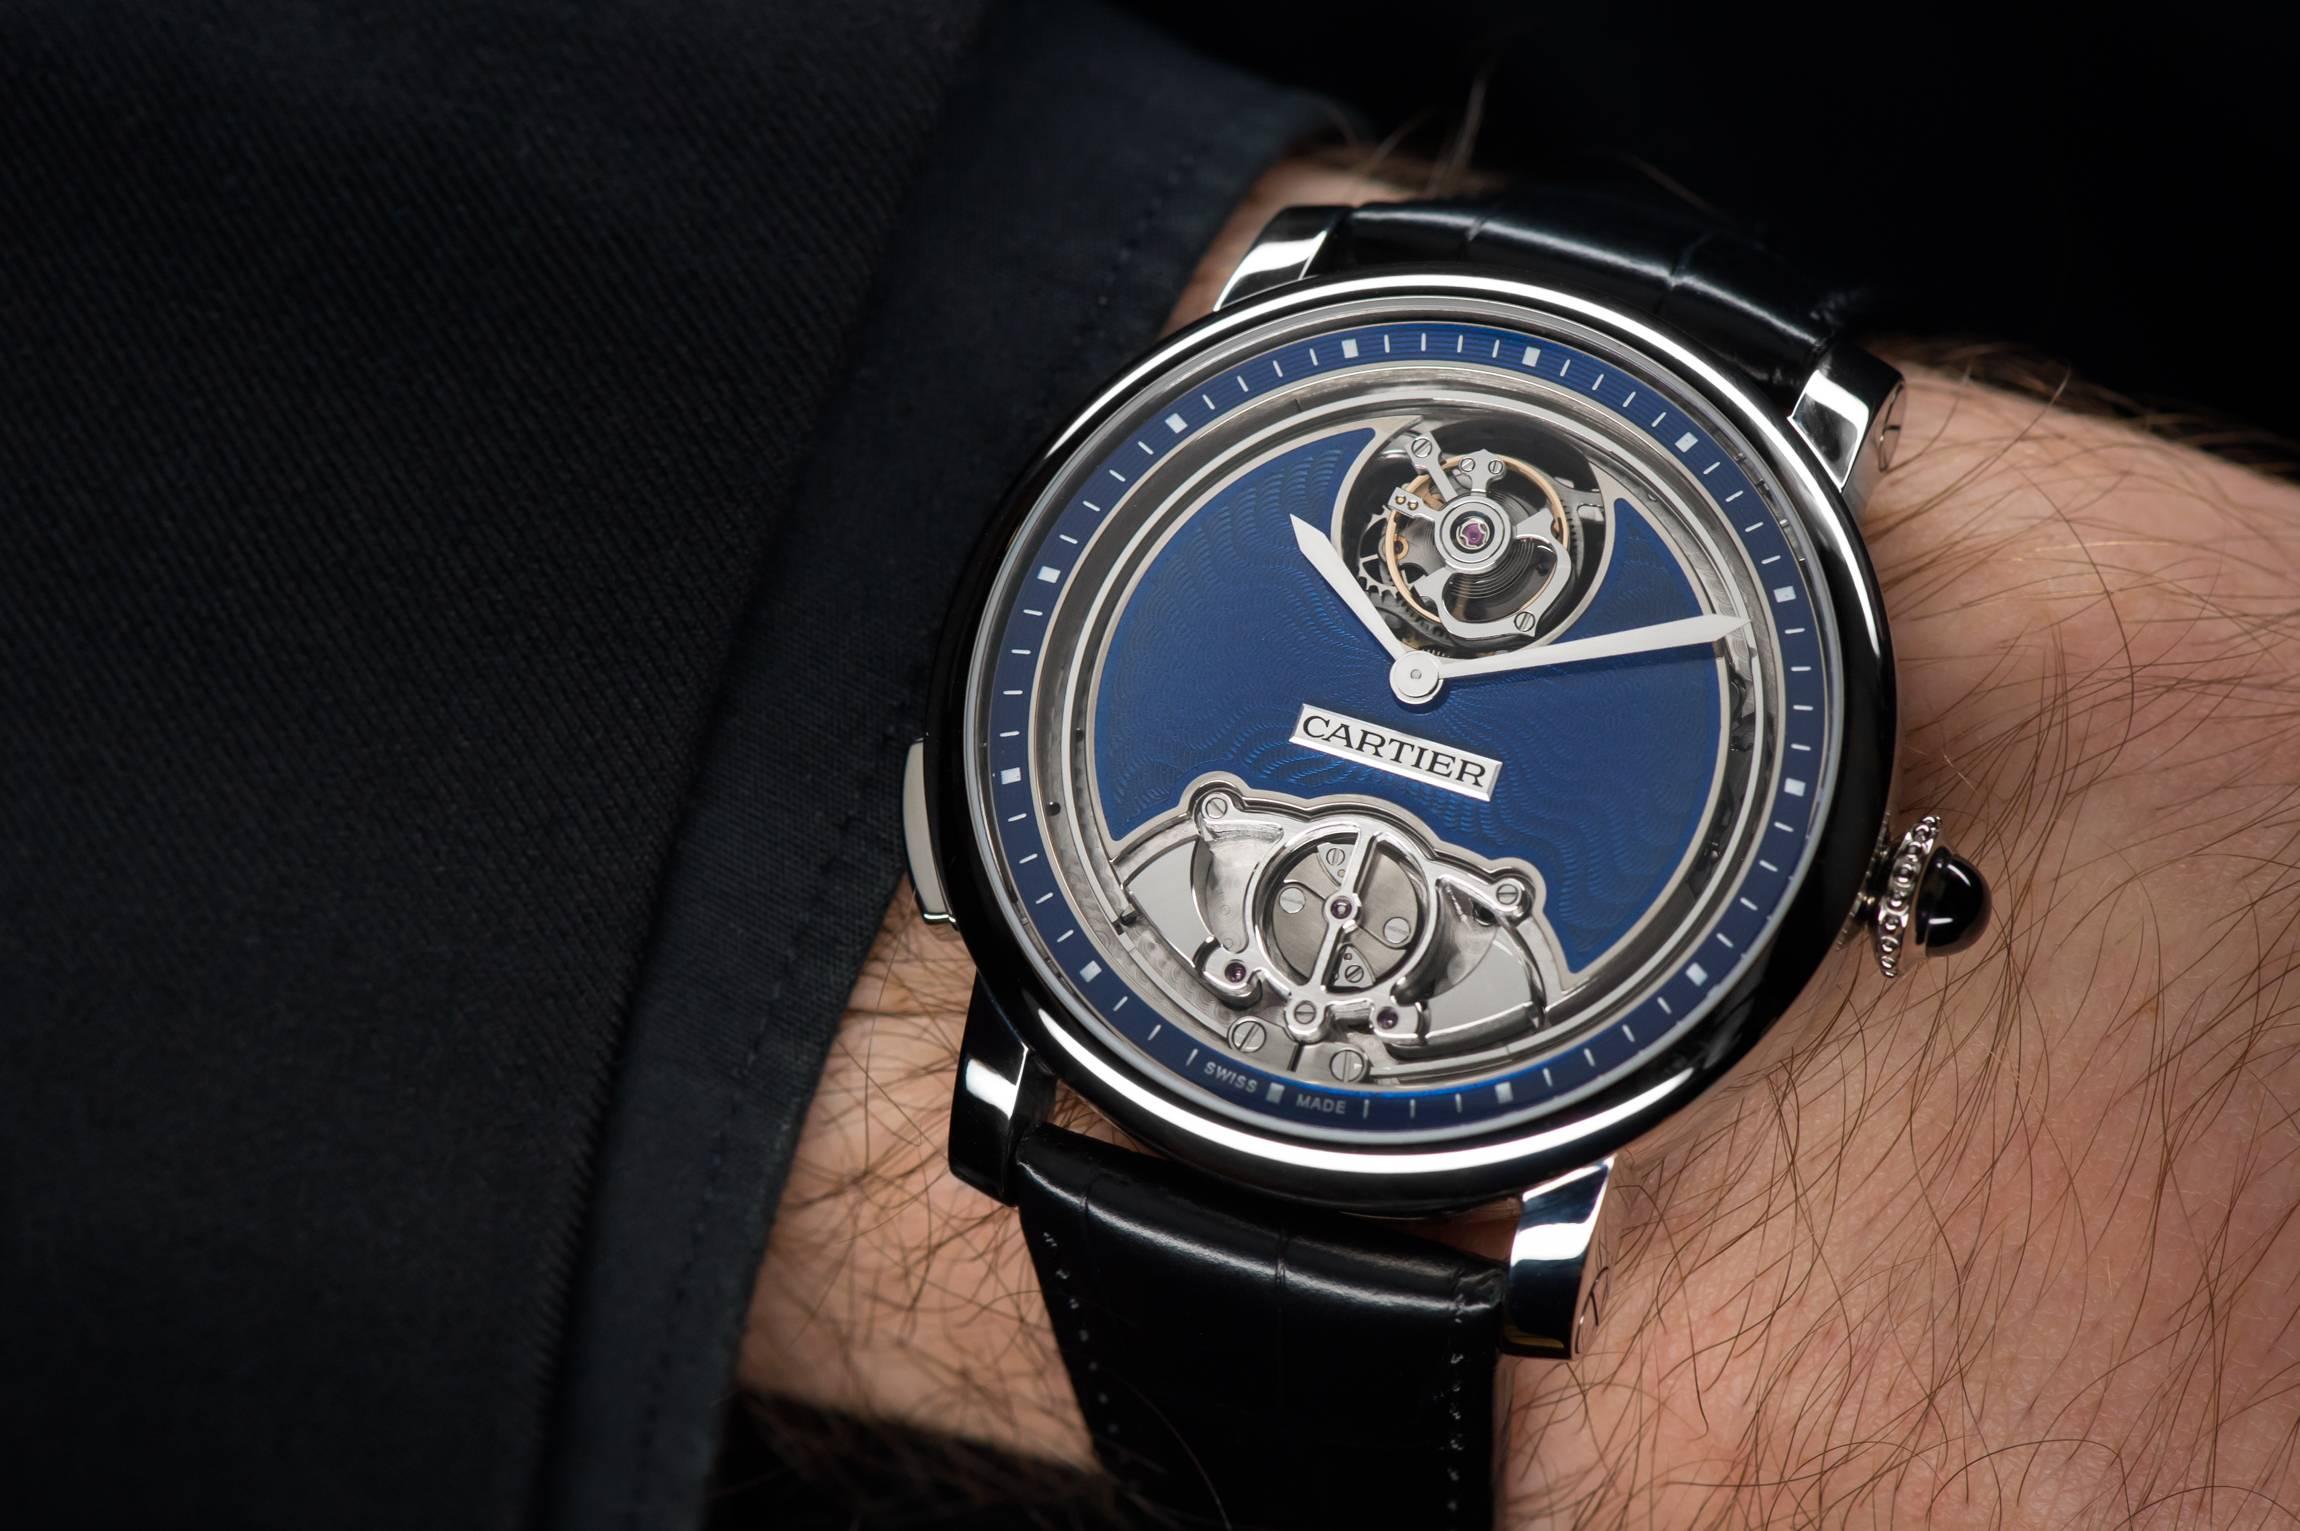 """Cartier Rotonde de Cartier Minute Repeater Flying Tourbillon Calibre 9402 MC """"Poinçon de genève"""" certified watch wristshot"""